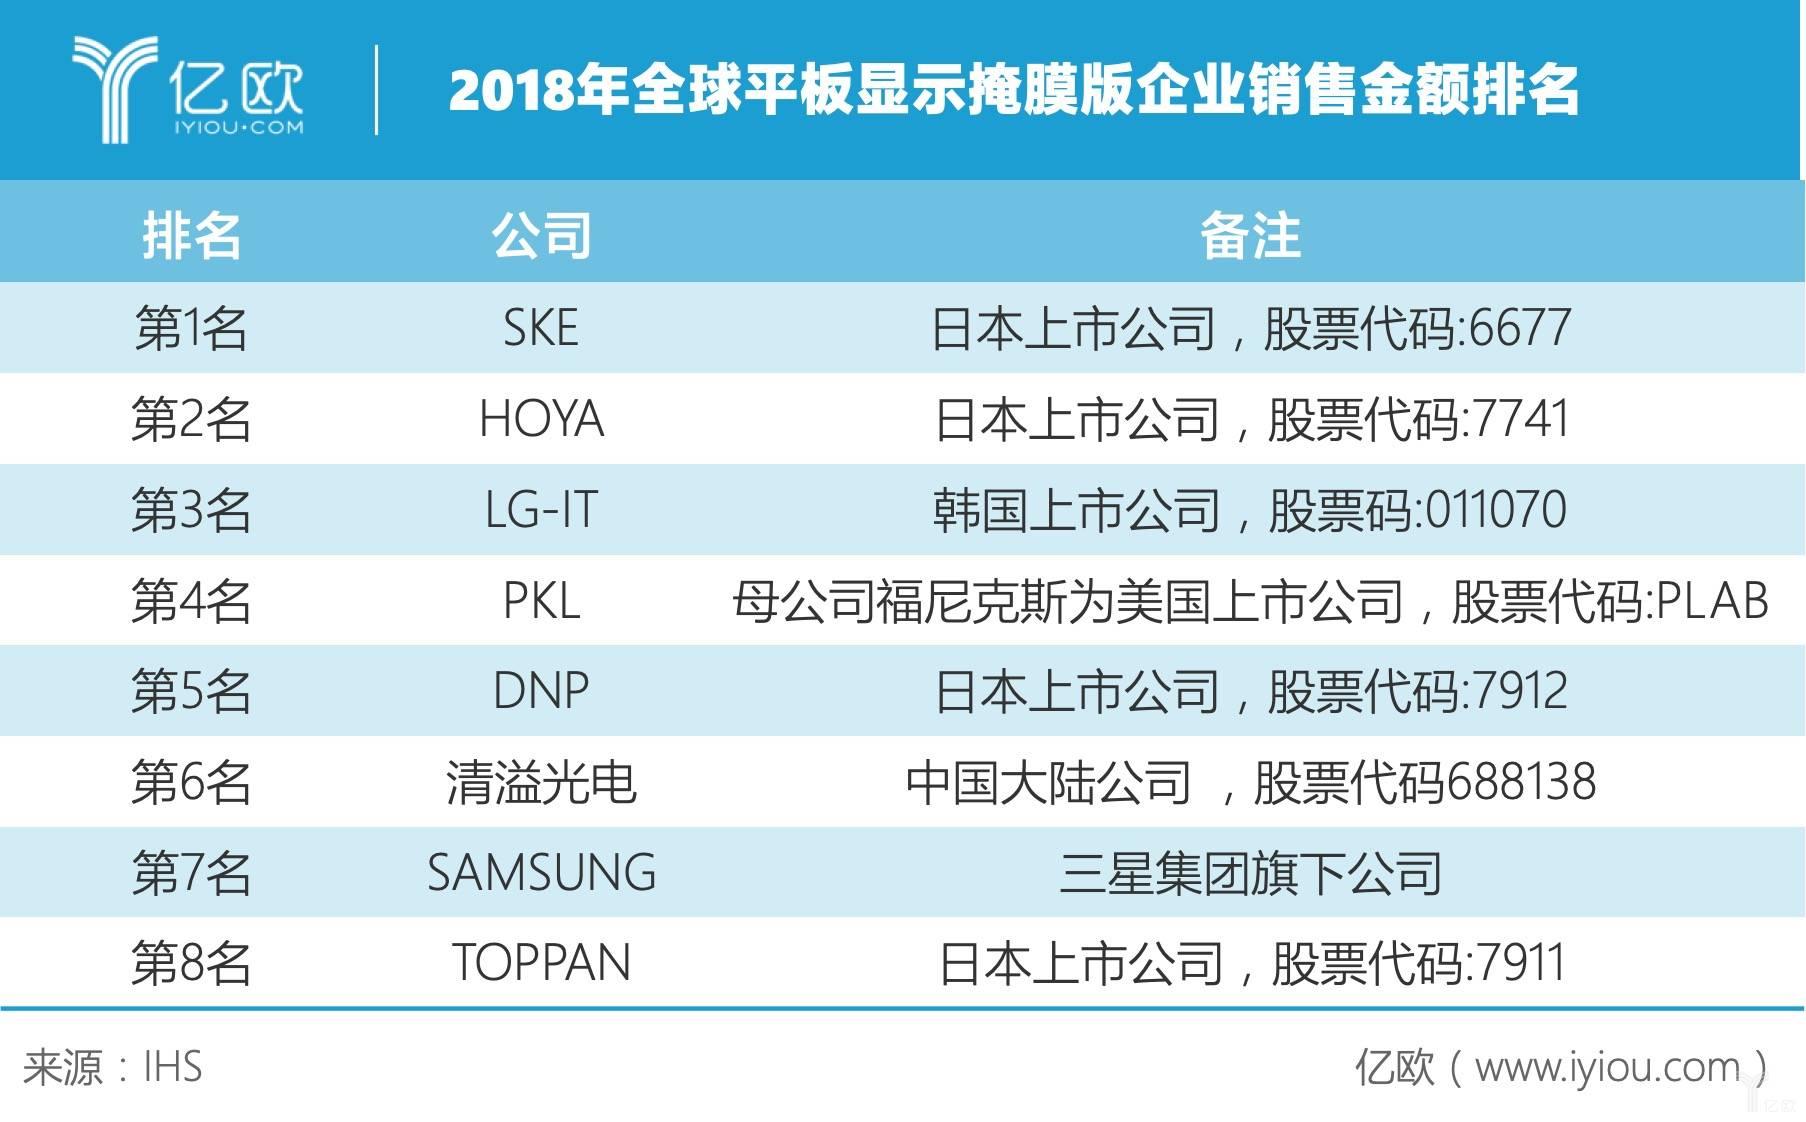 2018年全球平板显示掩膜版企业销售金额排名.jpeg